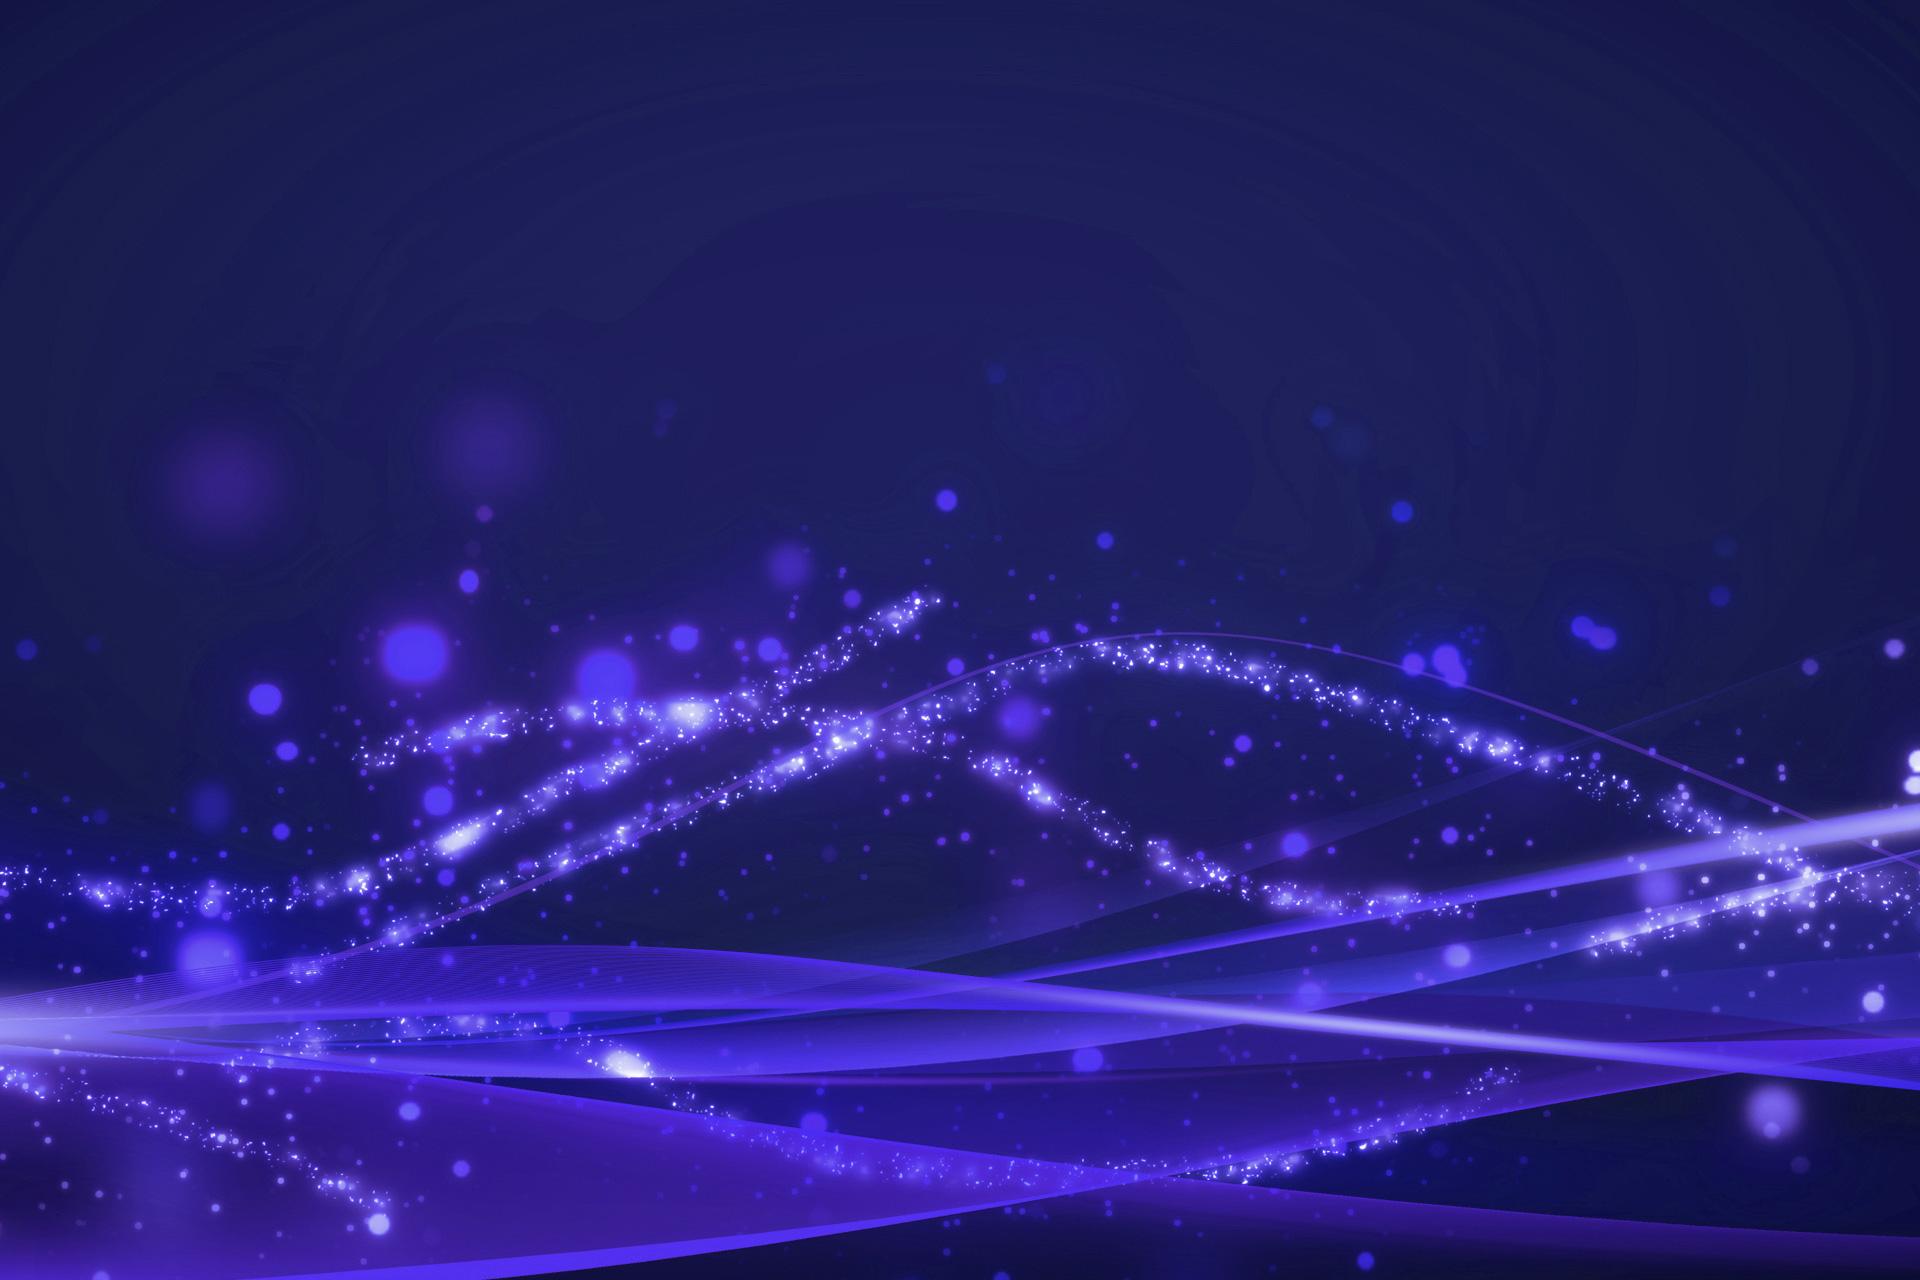 Réseau de fibres optiques